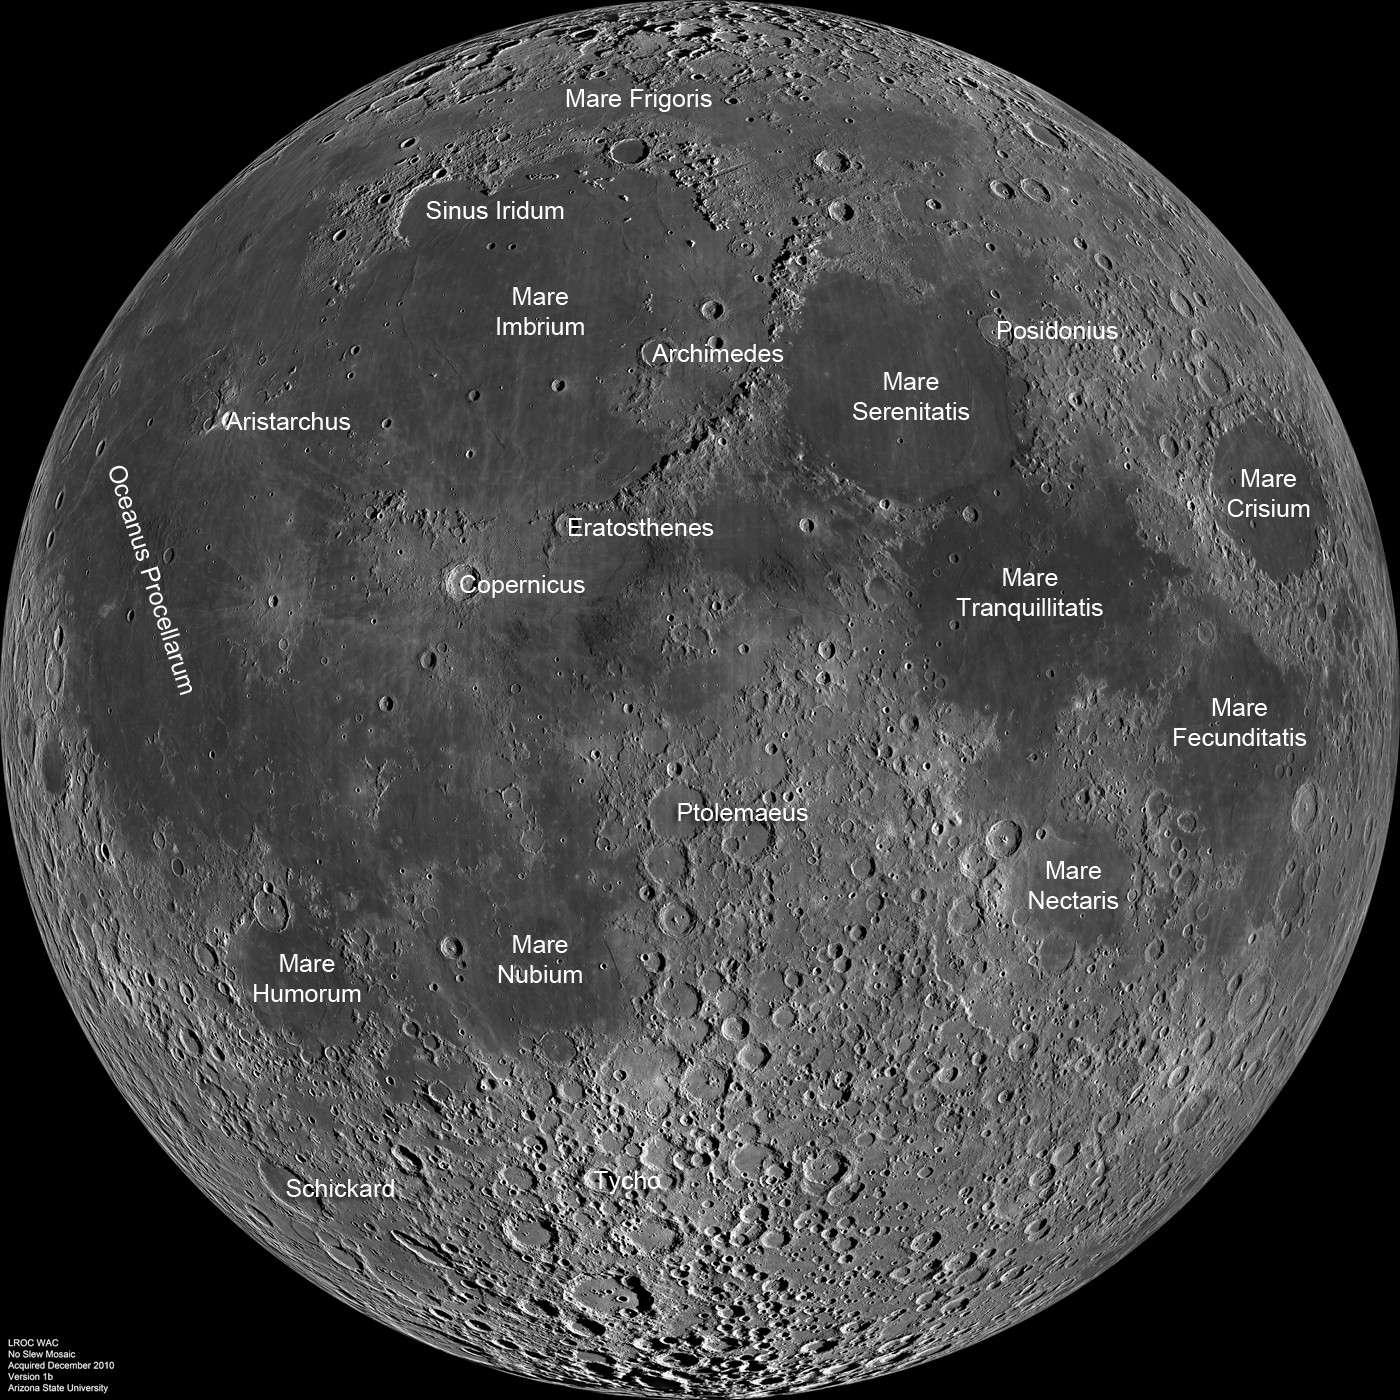 Mosaïque complète de la face visible de la Lune avec annotations. © Nasa/GSFC/Arizona State University